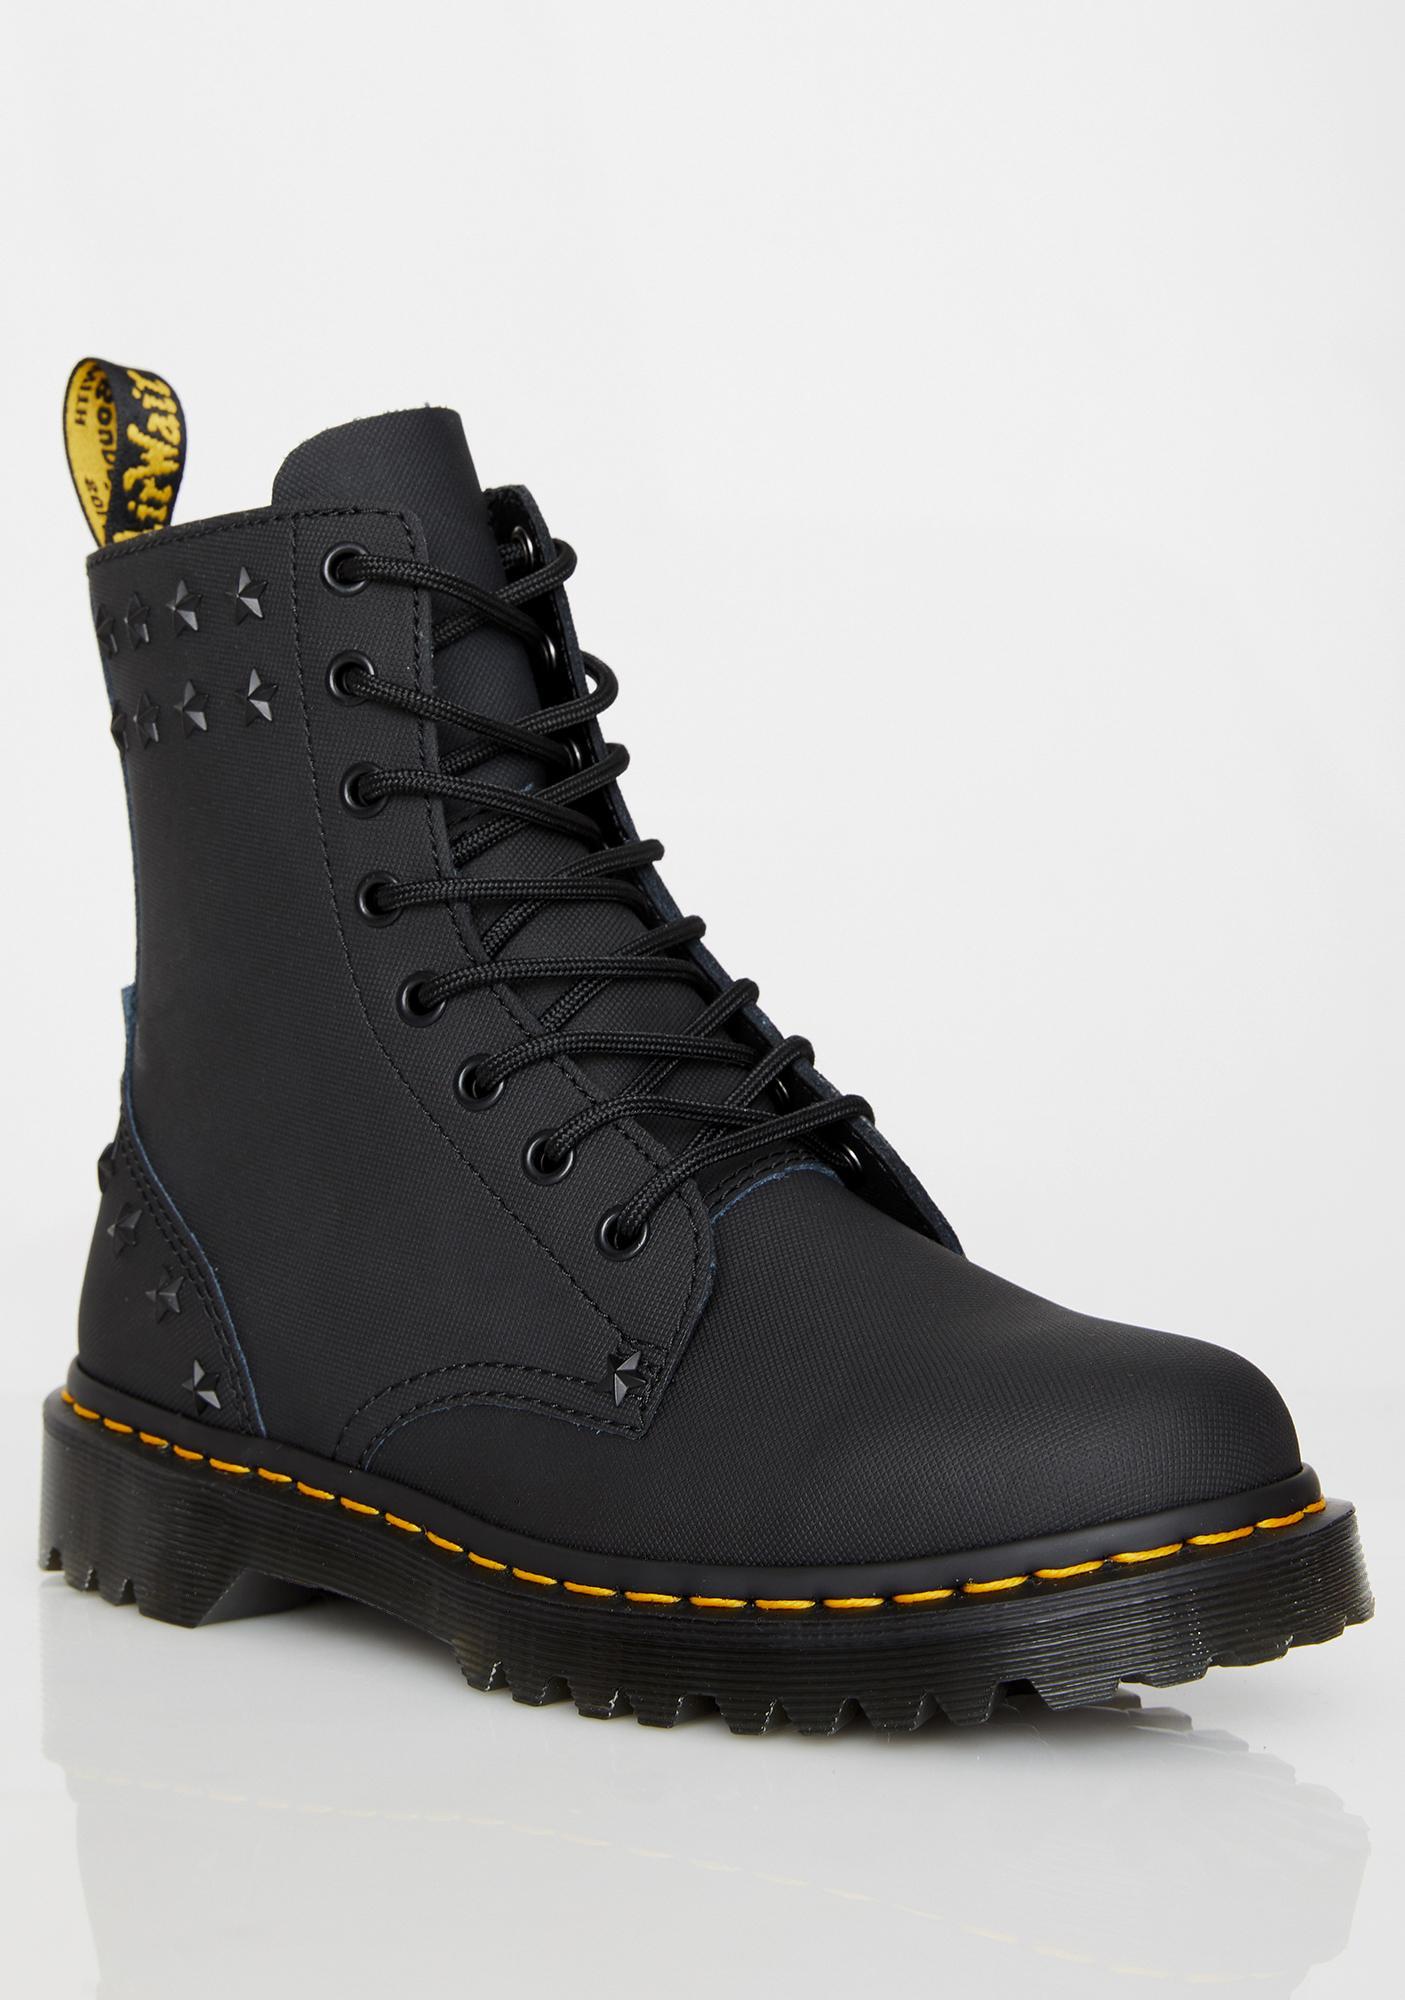 Dr. Martens 1460 Ben Ajax Boots